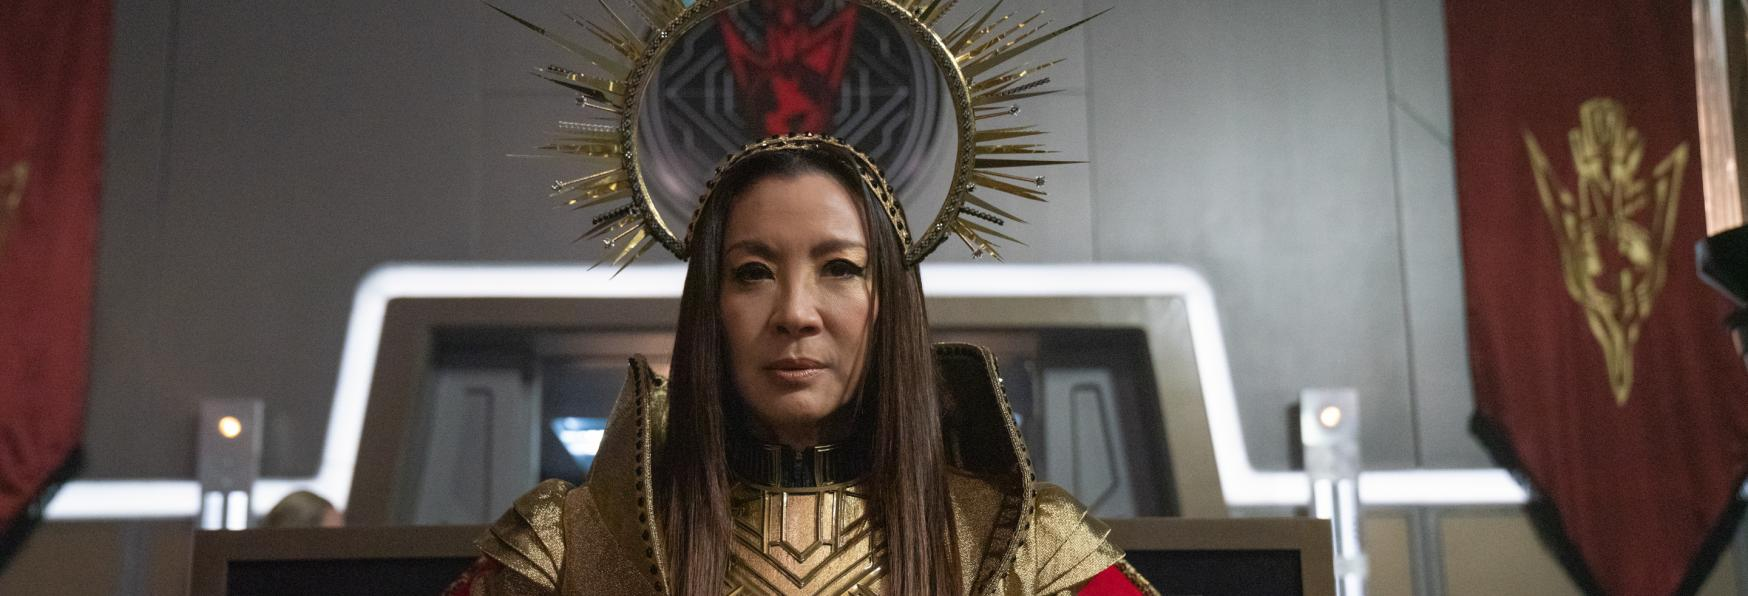 Star Trek: Discovery - Michelle Yeoh parla del Futuro dell'Imperatrice Georgiou